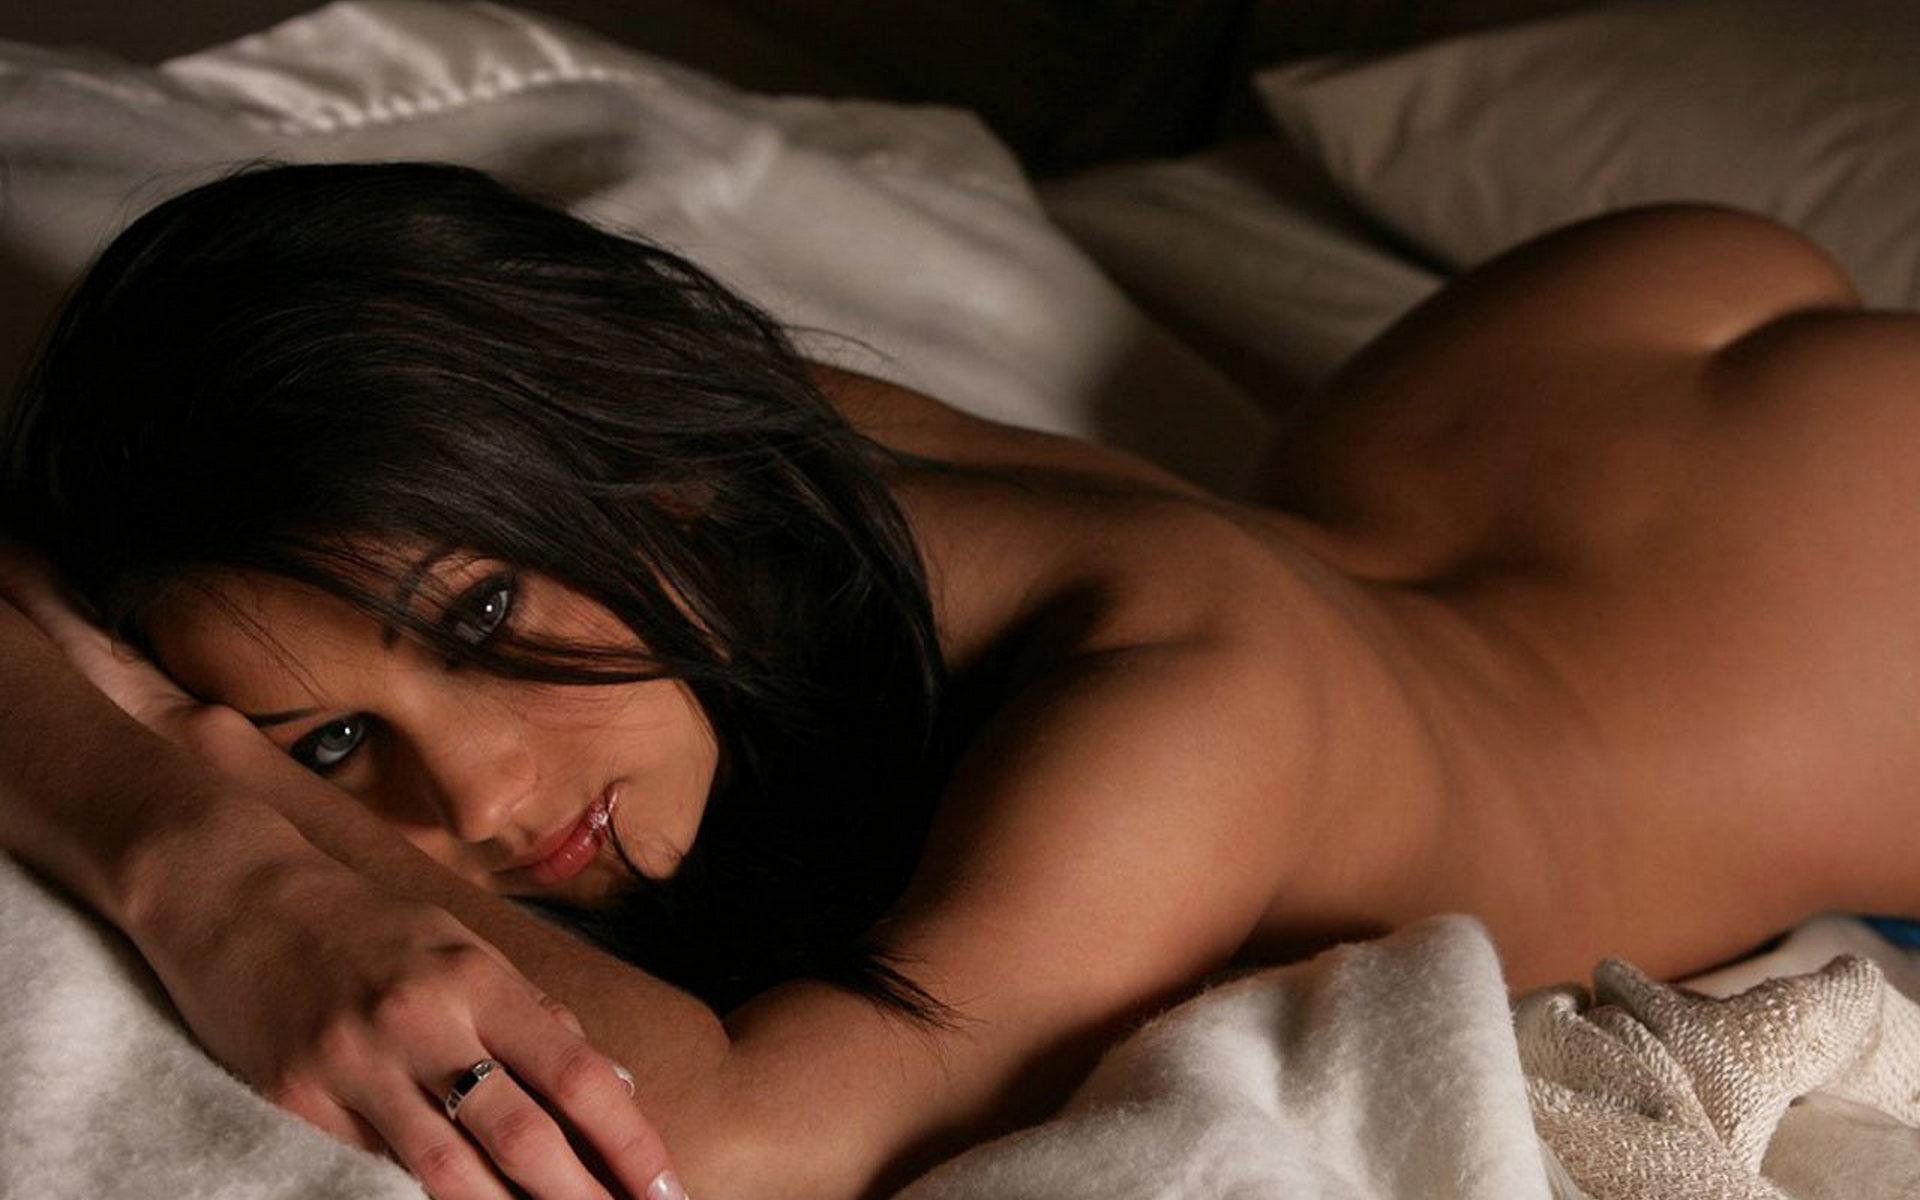 Фотографии голых красивых девушек в кровати 11 фотография